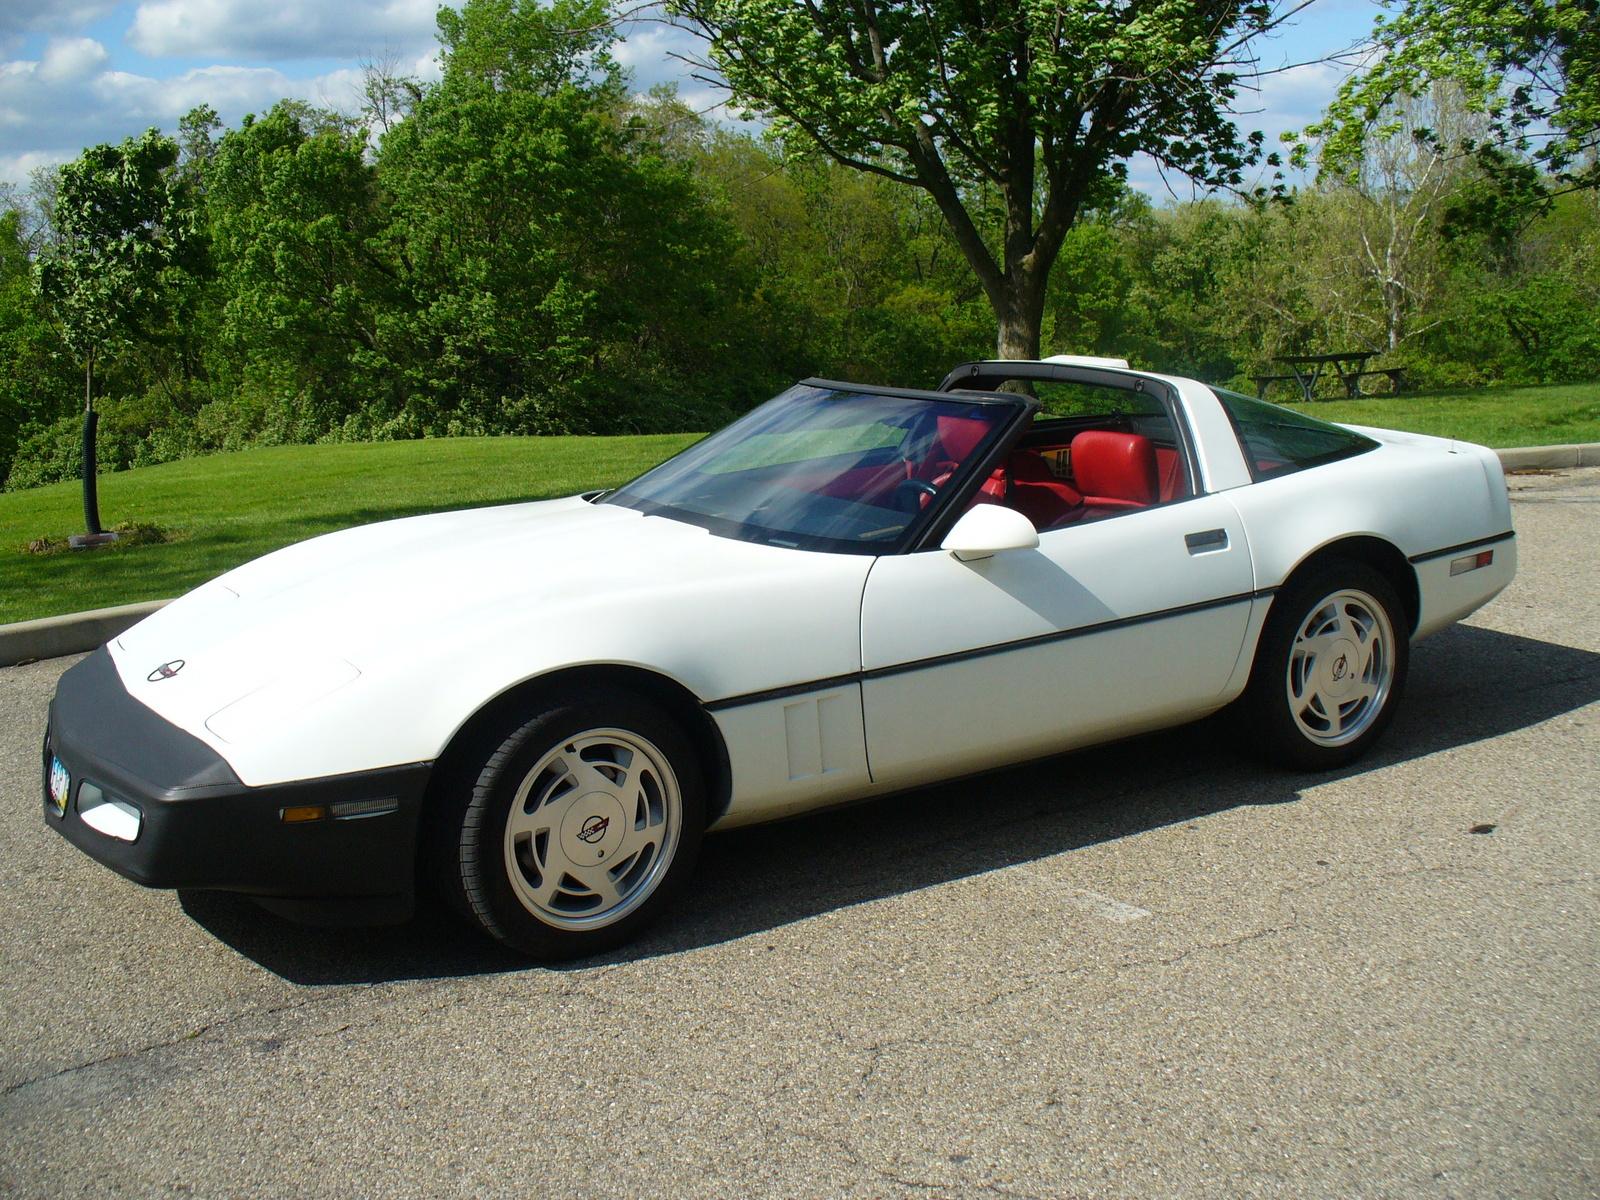 1989 Chevrolet Corvette Pictures Cargurus